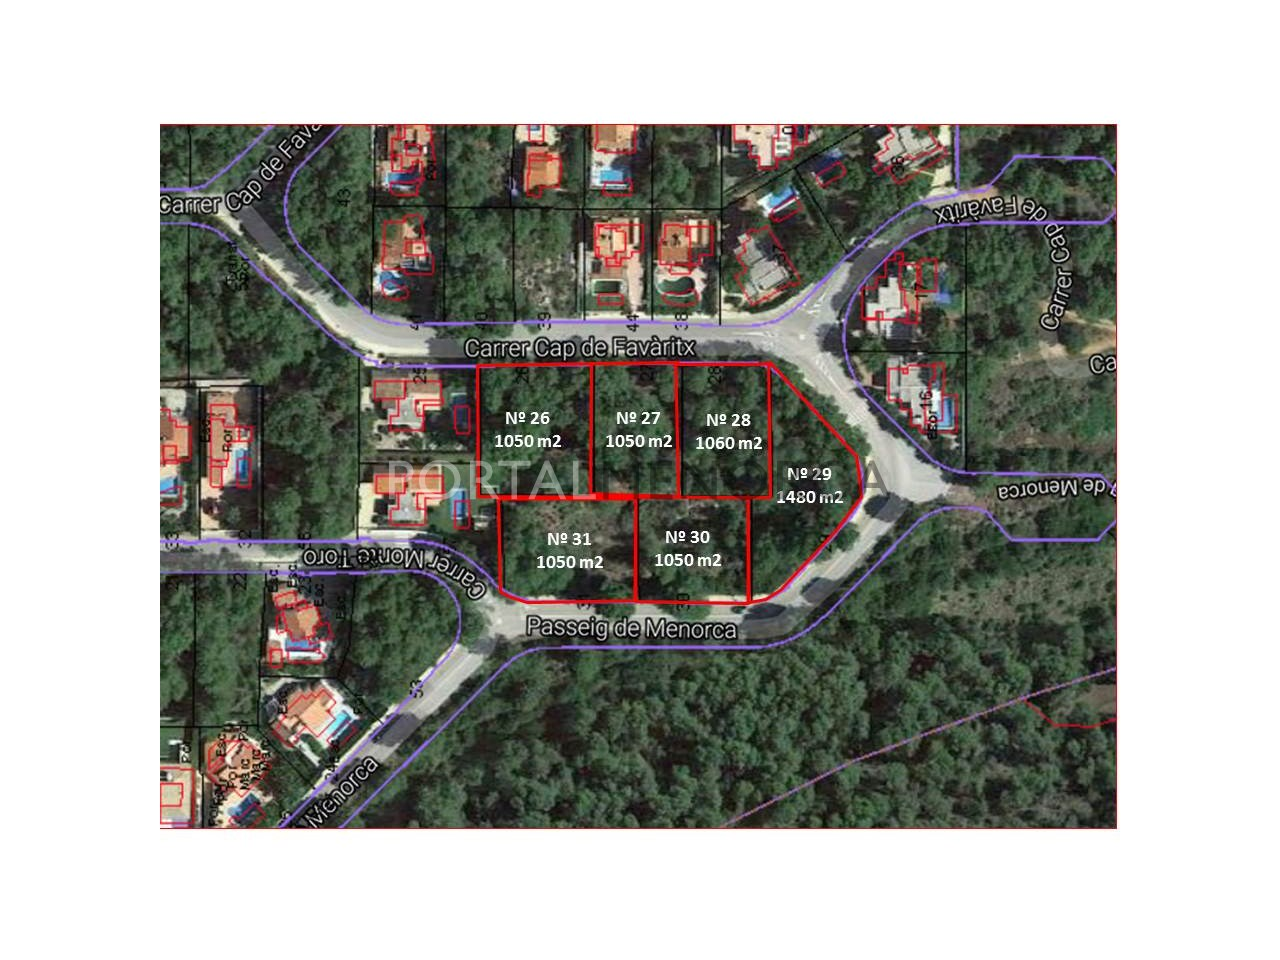 V2455 ubicación solares y superficies